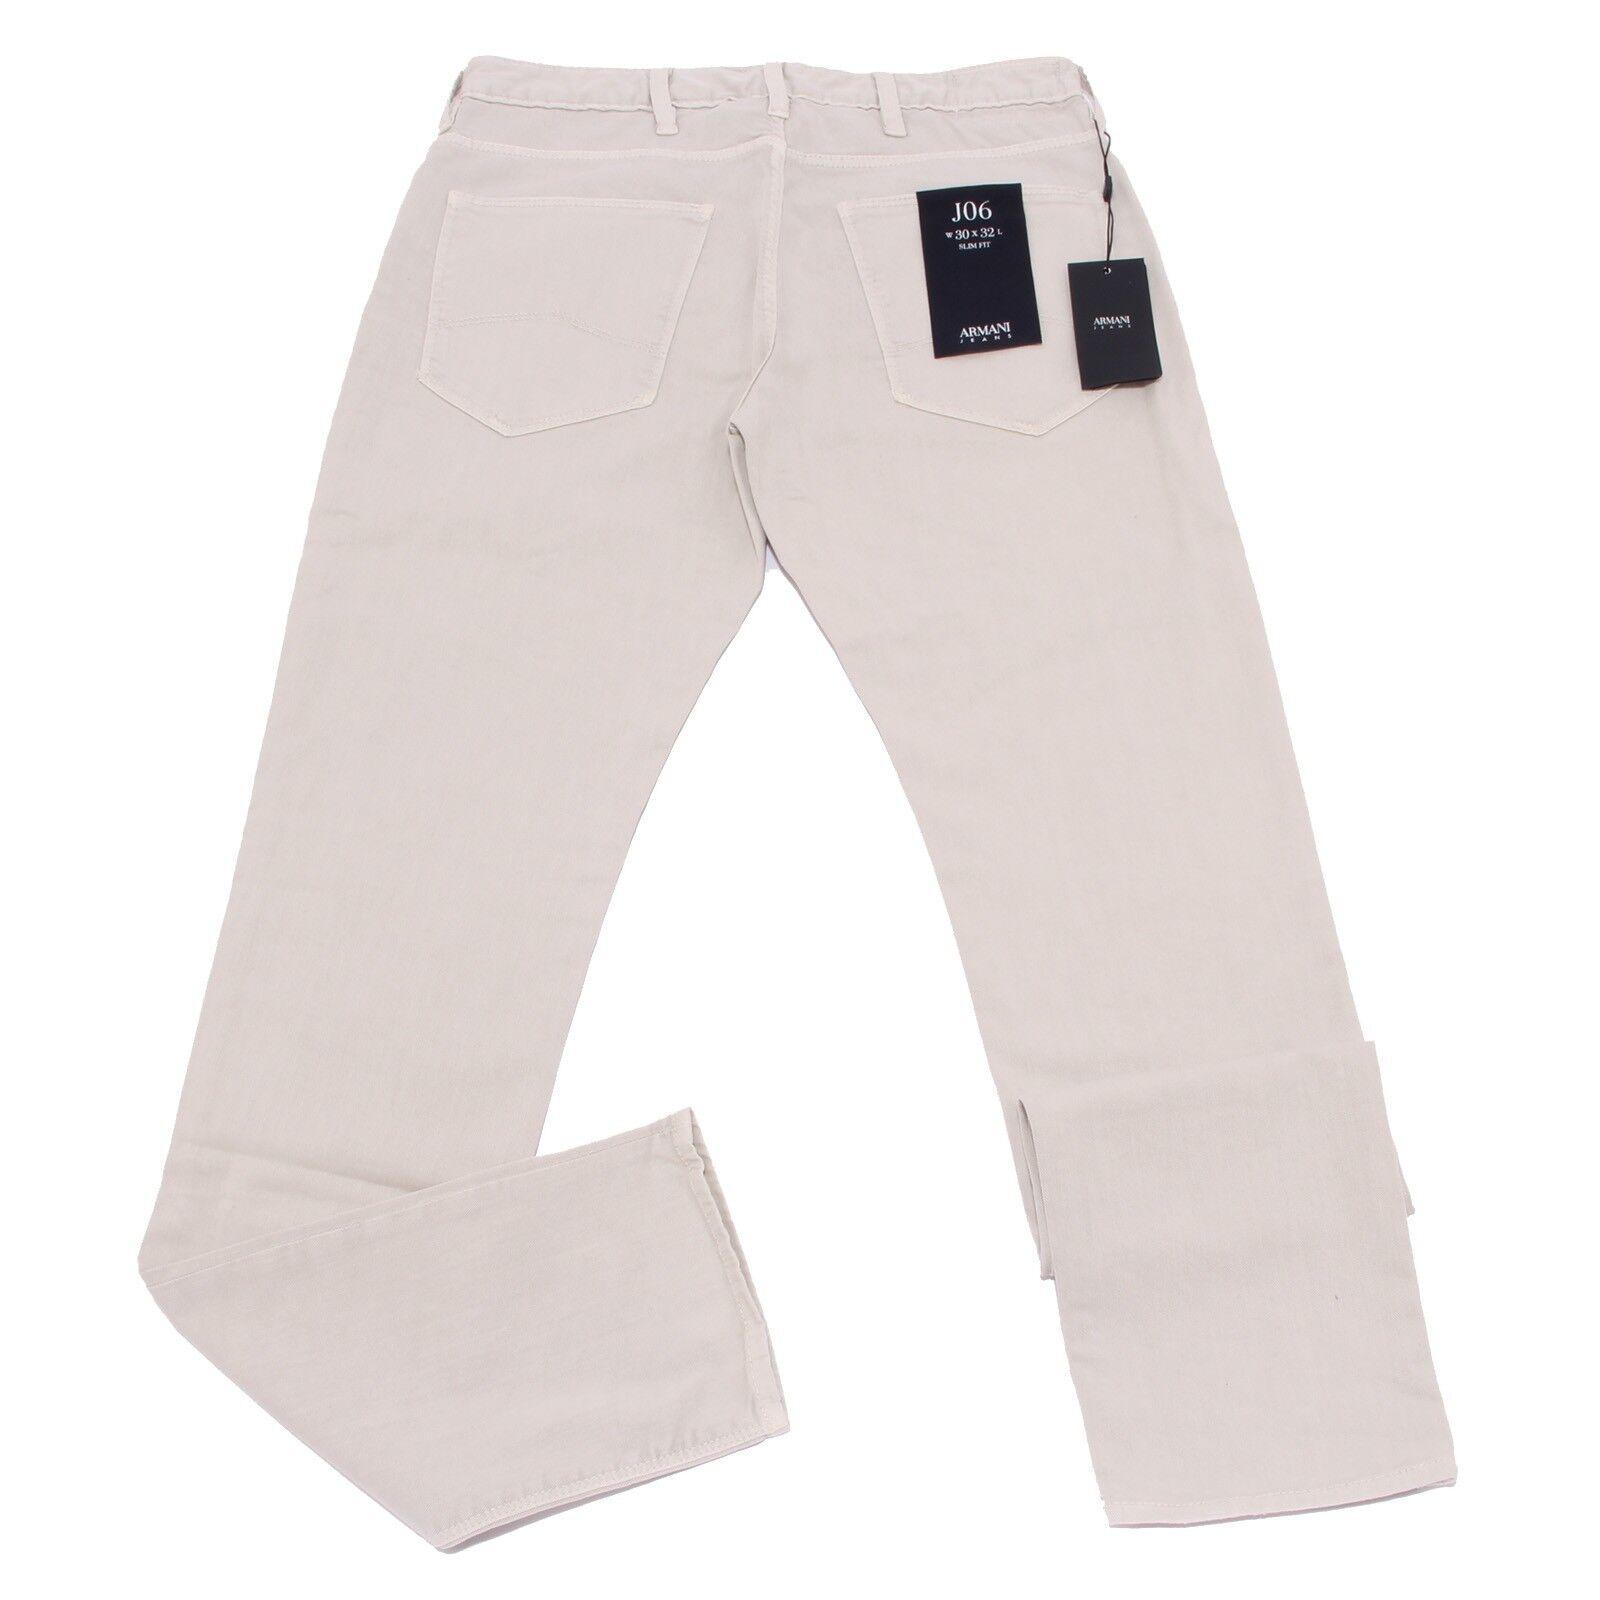 0986X jeans uomo ARMANI JEANS SLIM FIT J06 light grigio grigio grigio trouser men 9299b5